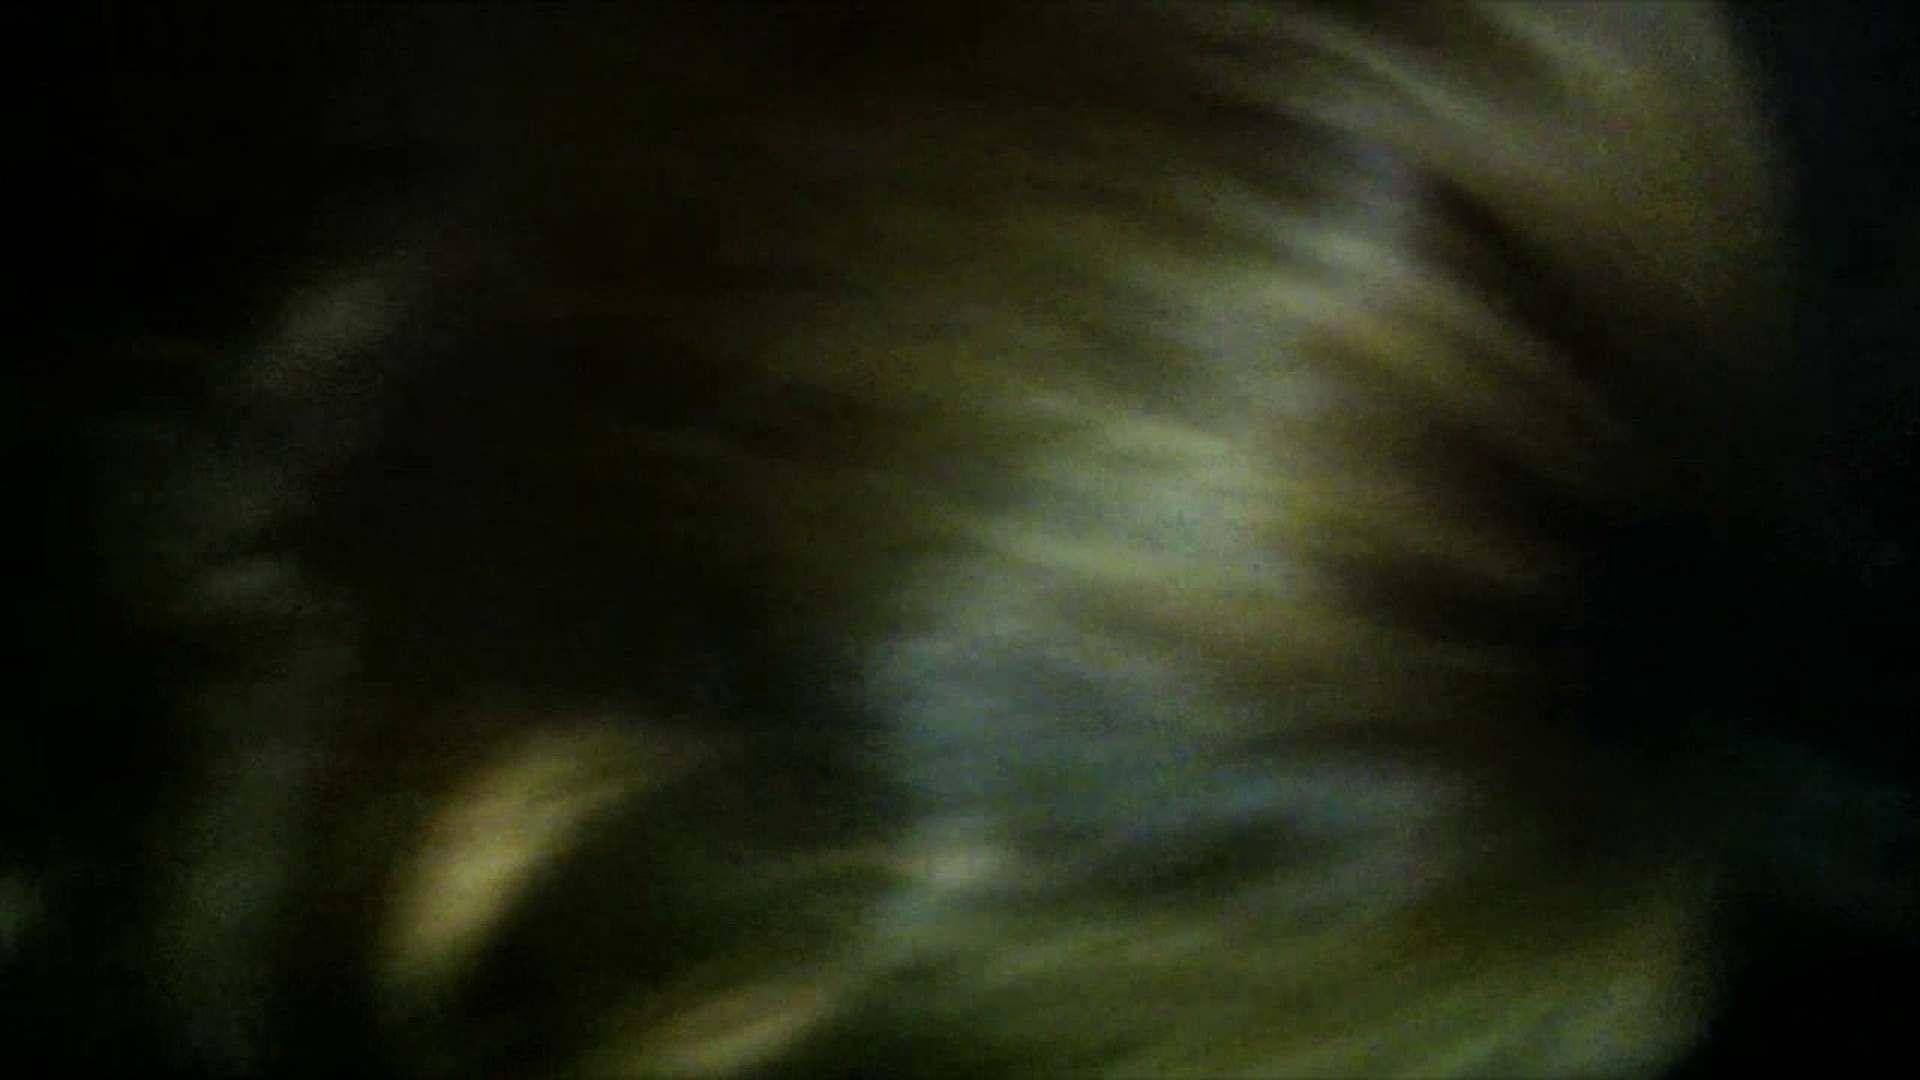 魔術師の お・も・て・な・し vol.19 25歳のキャリアウーマンにネットカフェイタズラ 0   0  76画像 62